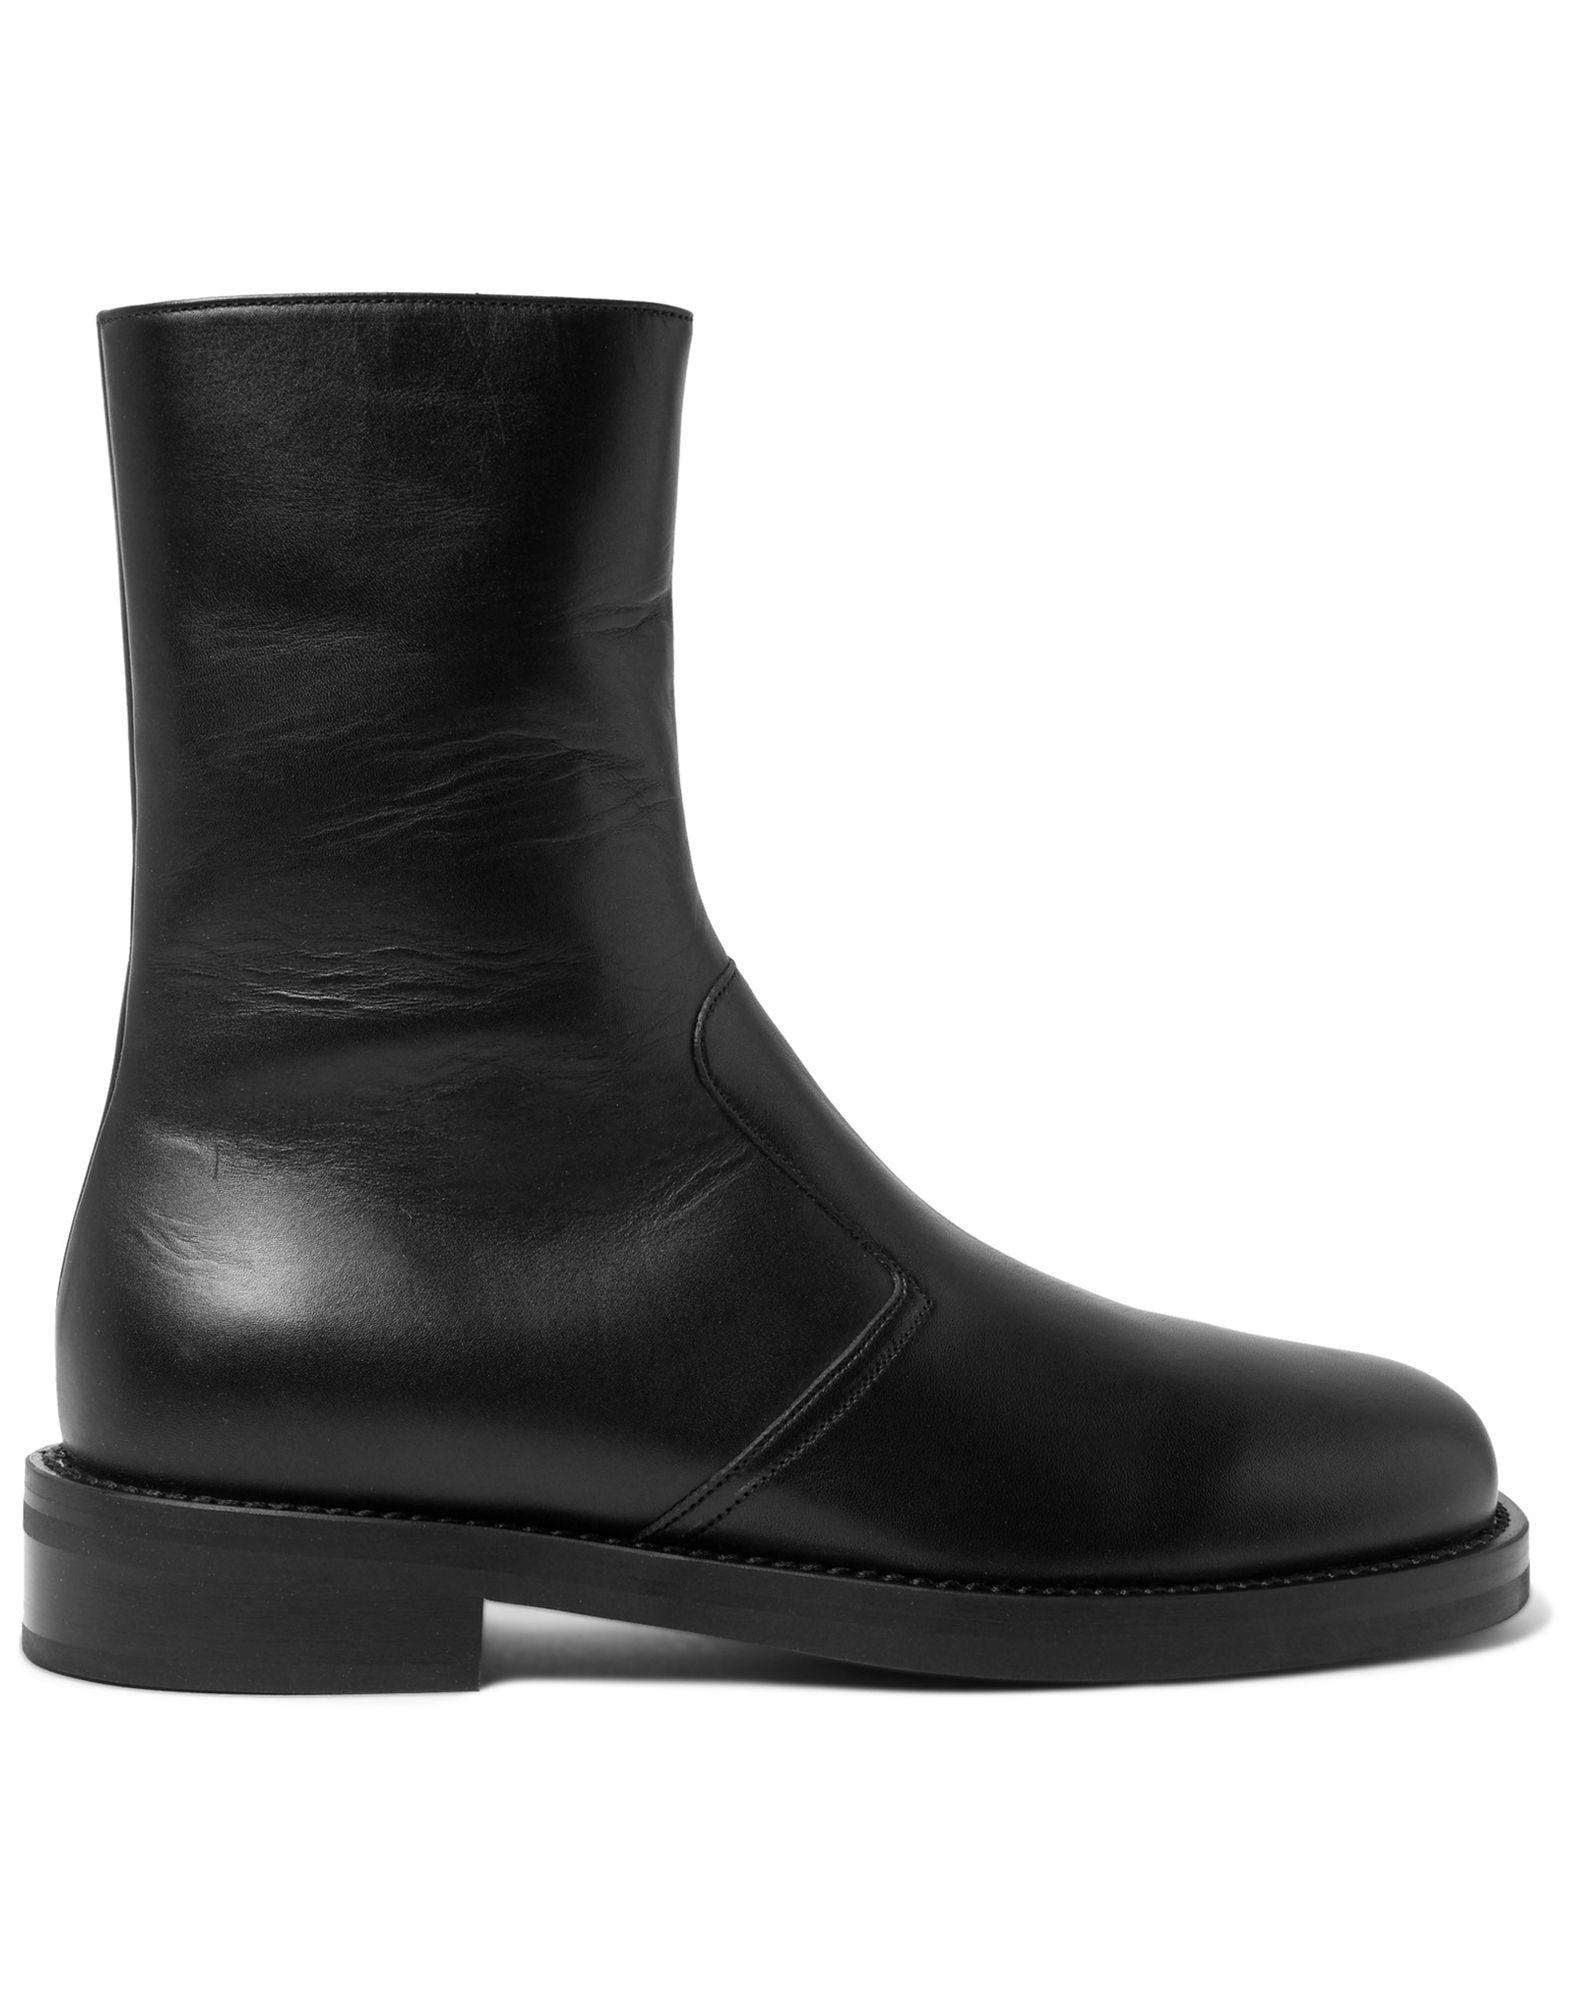 Neil Barrett Stiefelette Herren  11540980DJ Gute Qualität beliebte Schuhe